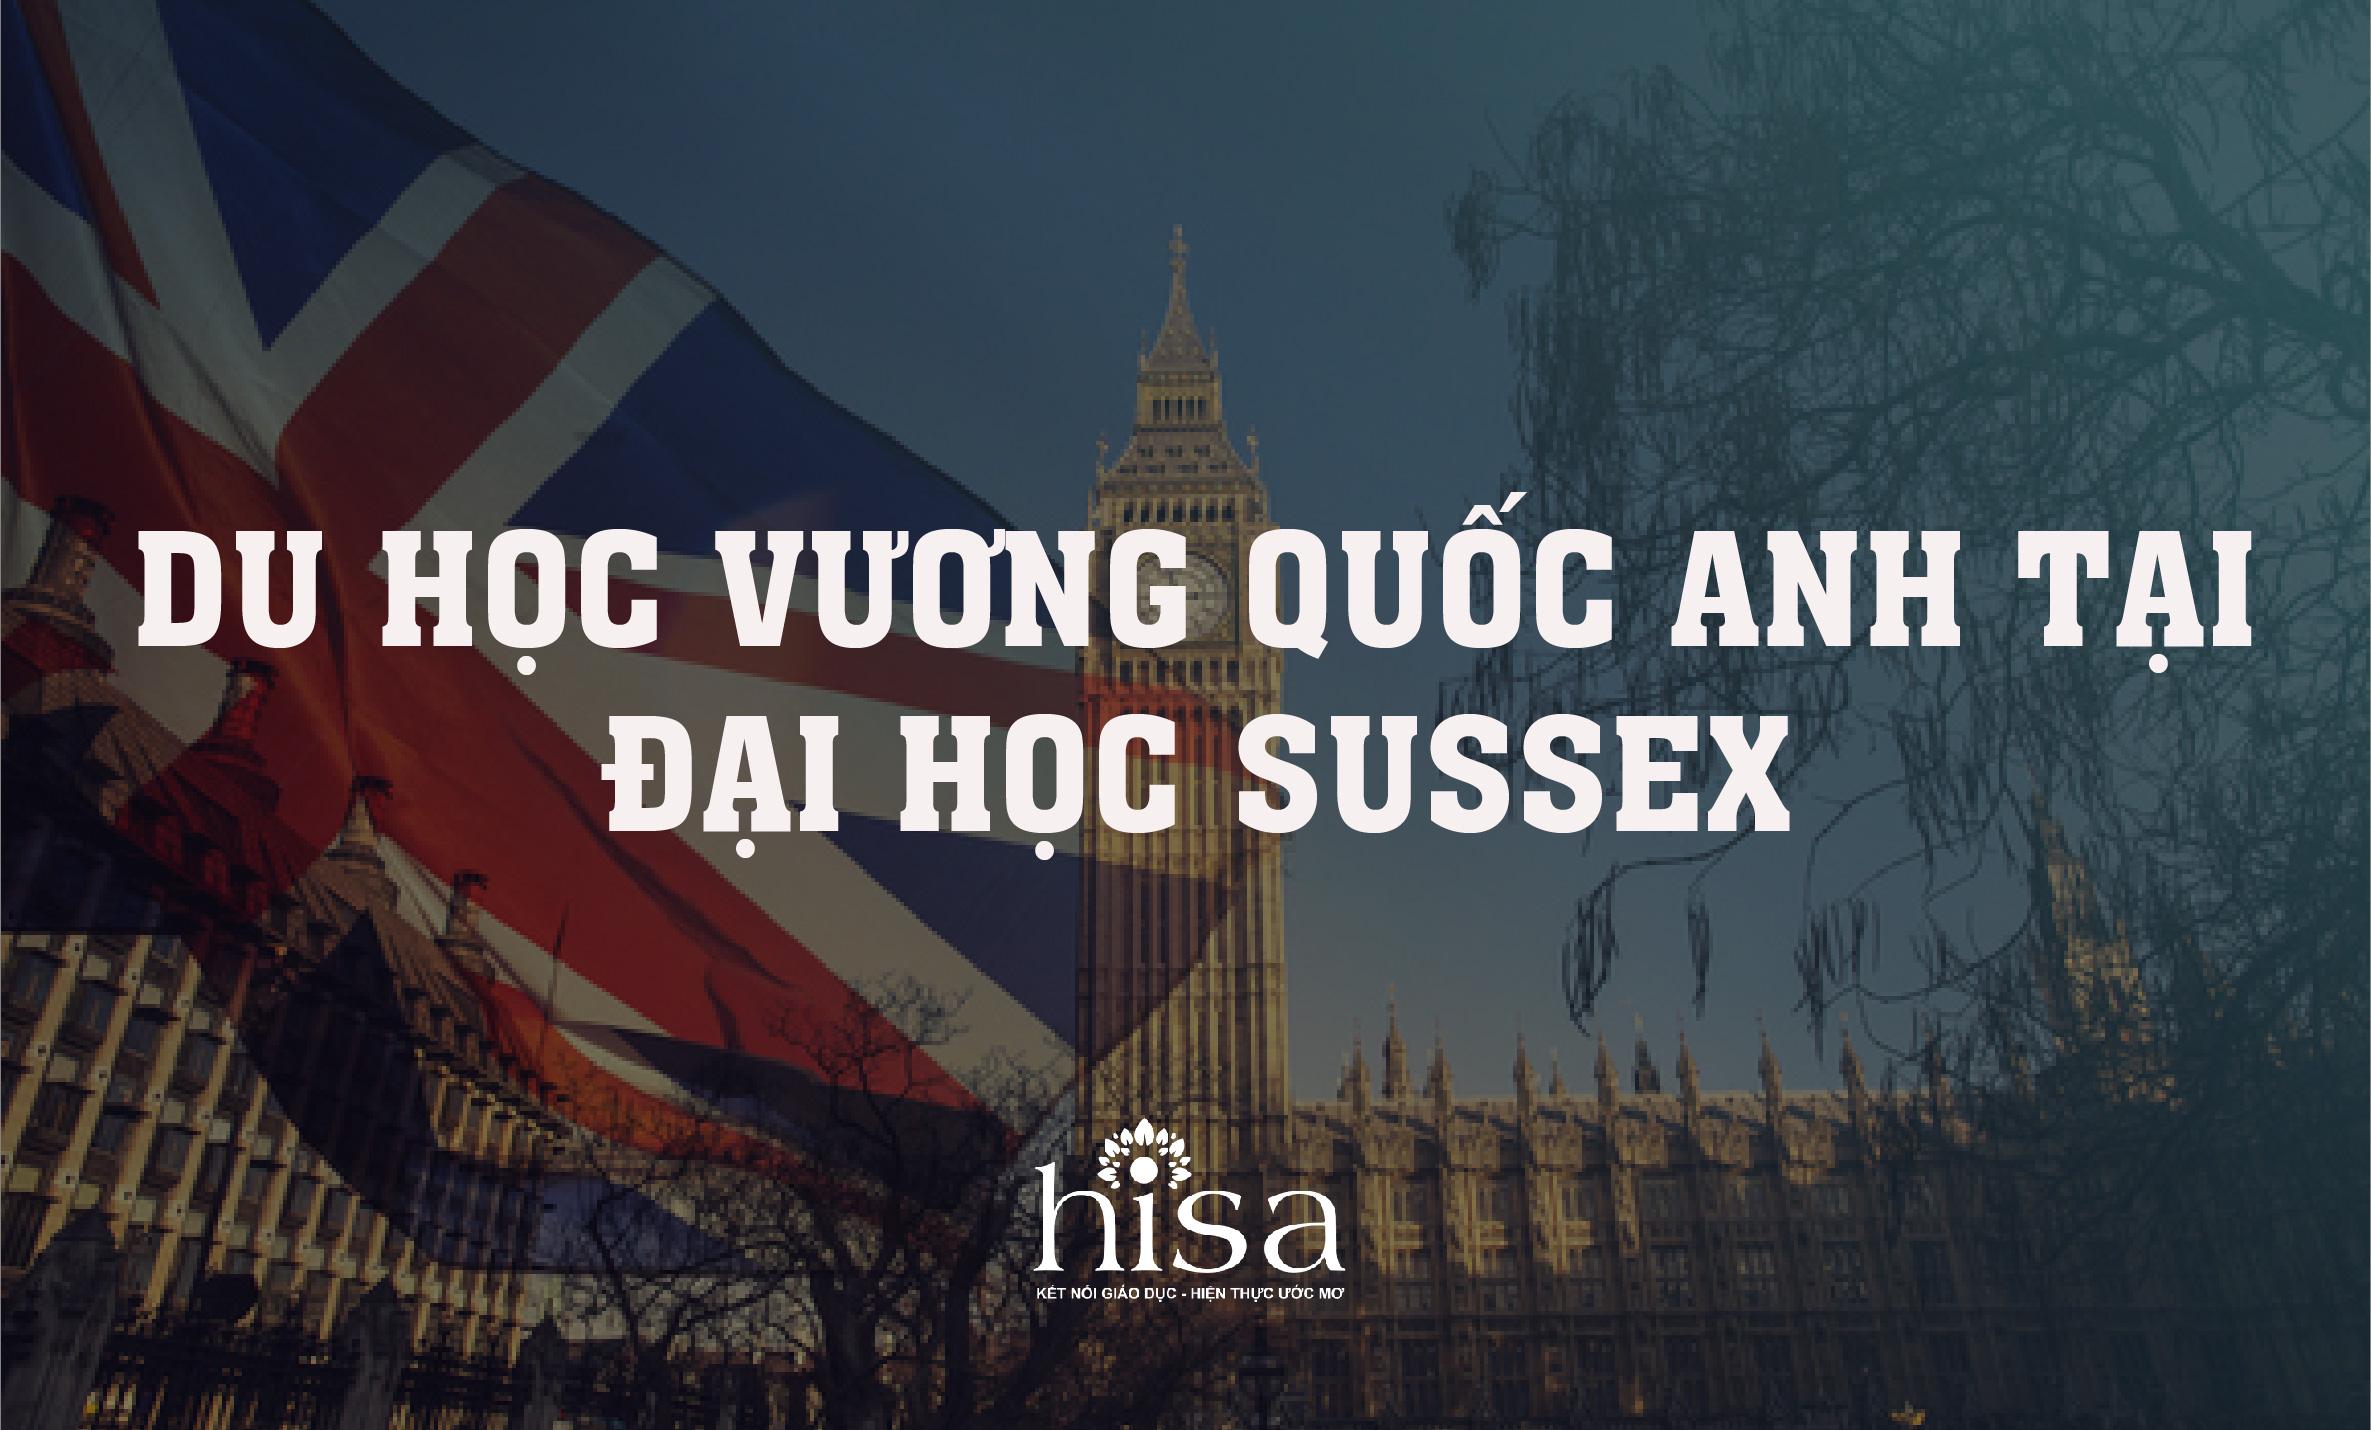 du học vương quốc anh tại đại học Sussex